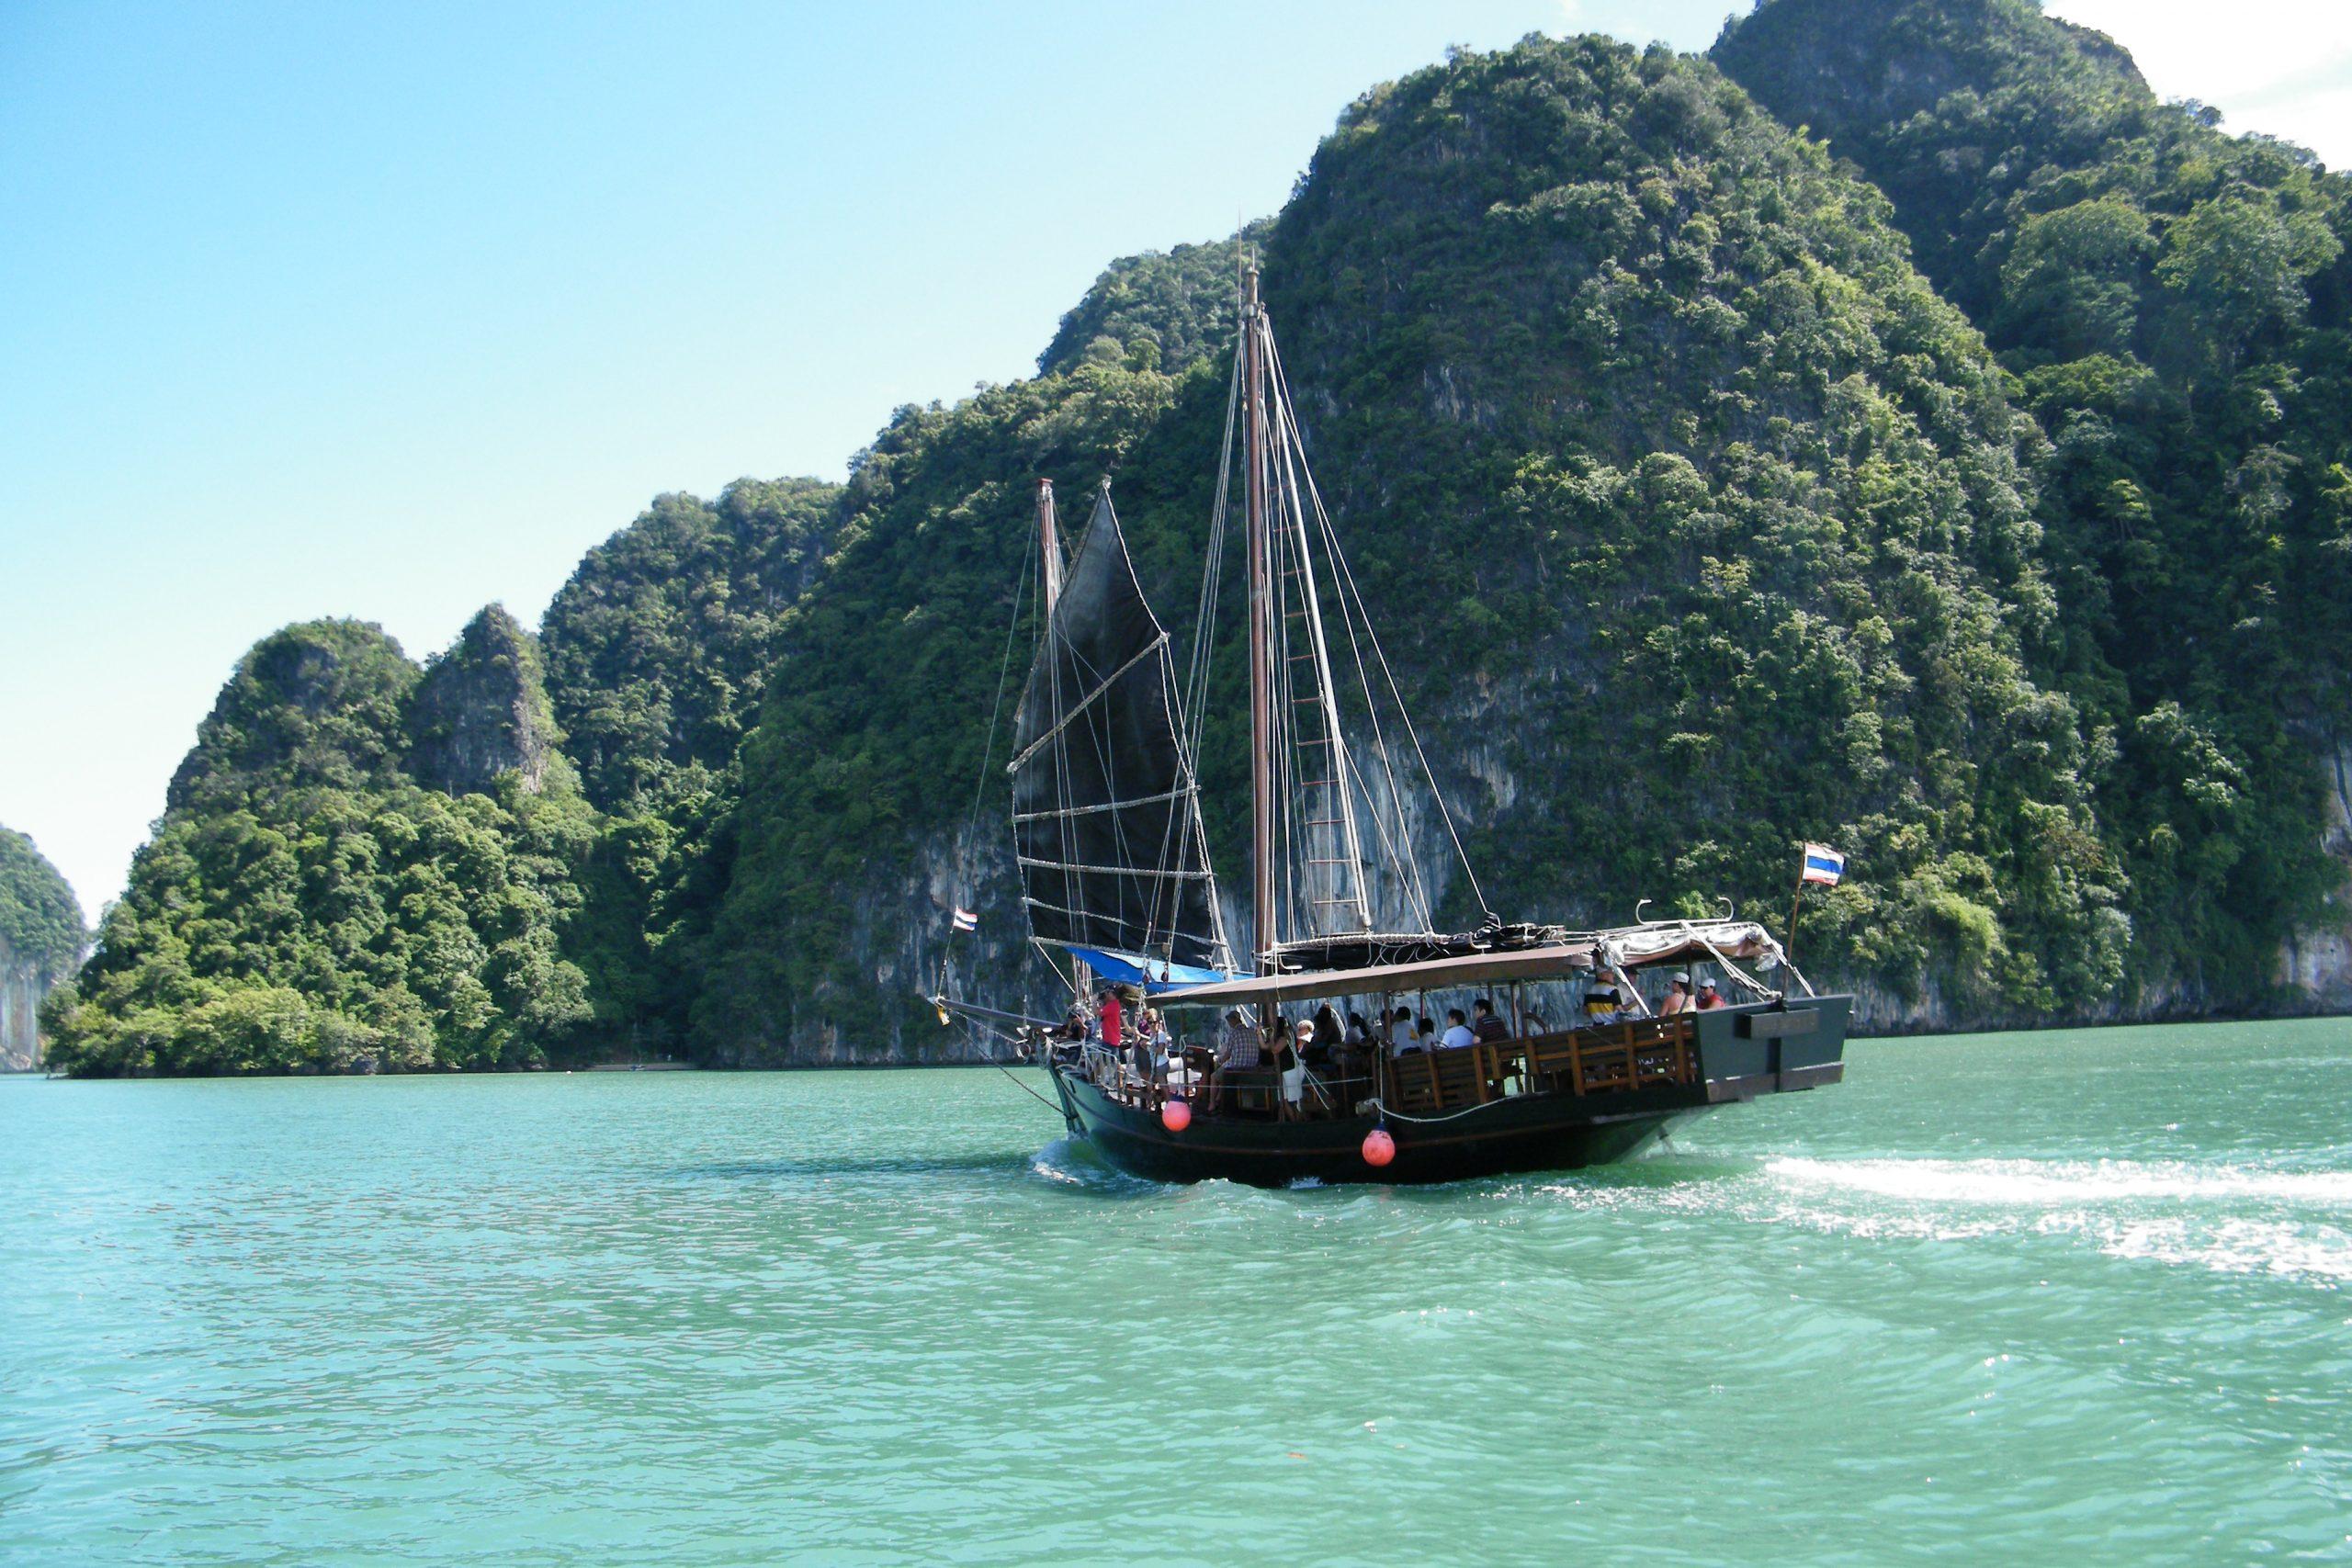 Indrejsende til Phuket skal dokumentere, at de er færdigvaccineret, dermed kan de undgå den ellers obligatoriske karantæne på 16 dage. Arkivfoto fra området ved Phuket: Henrik Baumgarten.